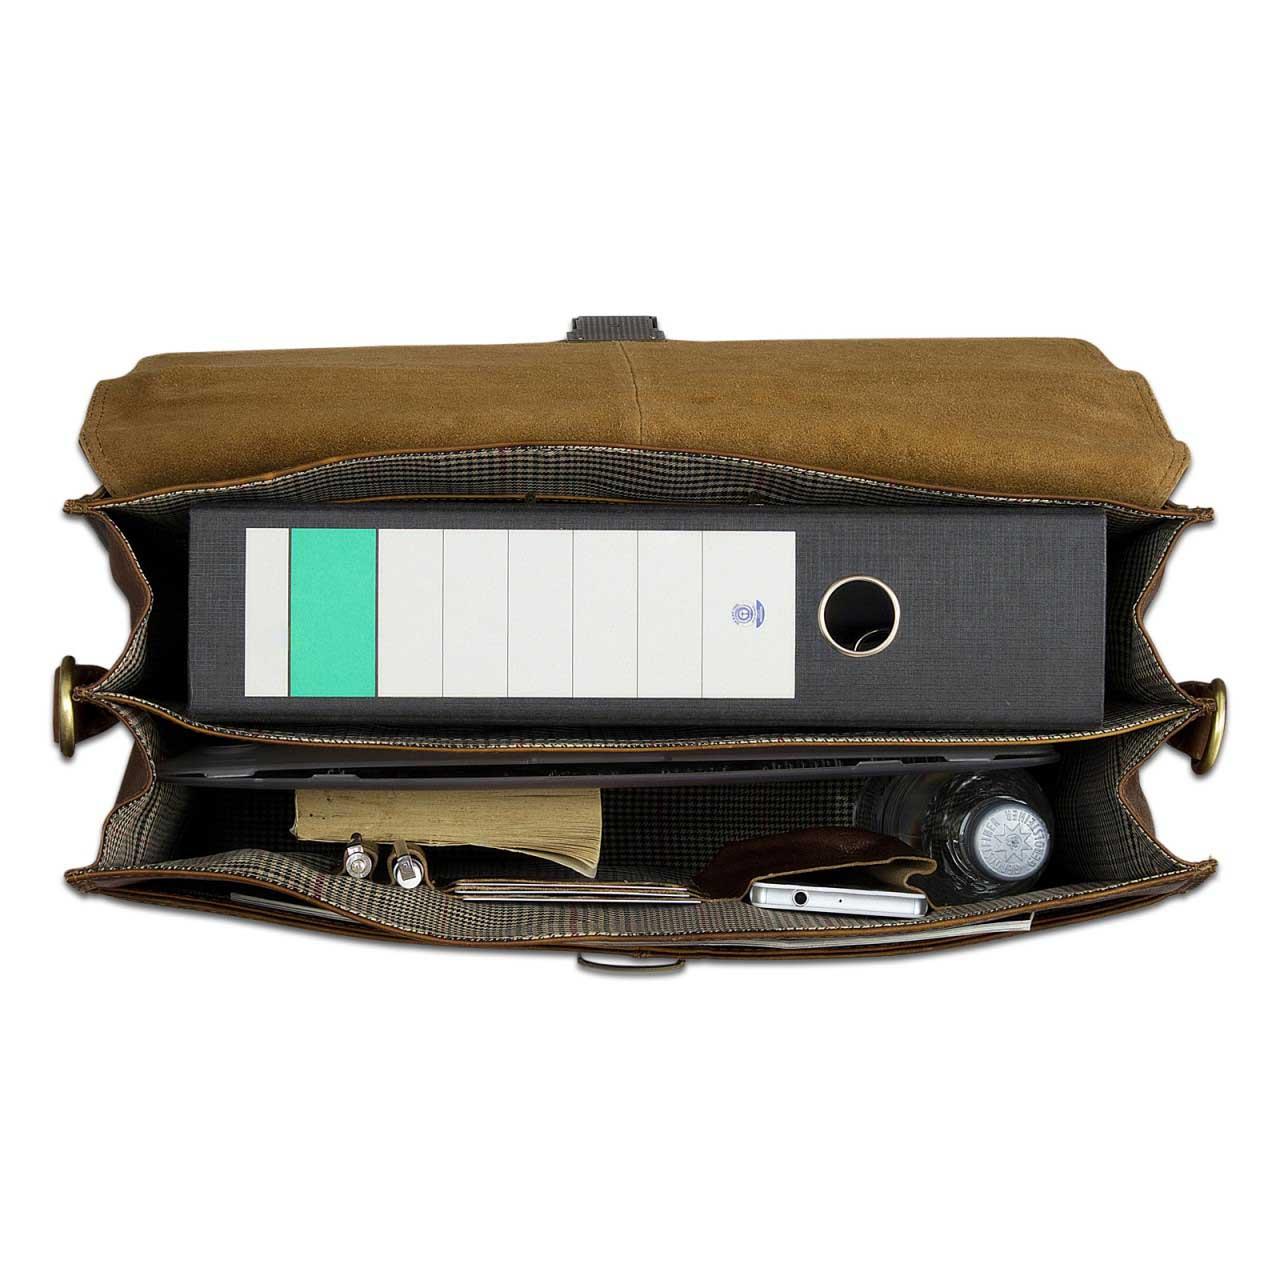 B-WARE Vintage Aktentasche Herren Büro Business Schultertasche Laptoptasche mit Schloss groß echtes Rinds-Leder braun - Bild 4